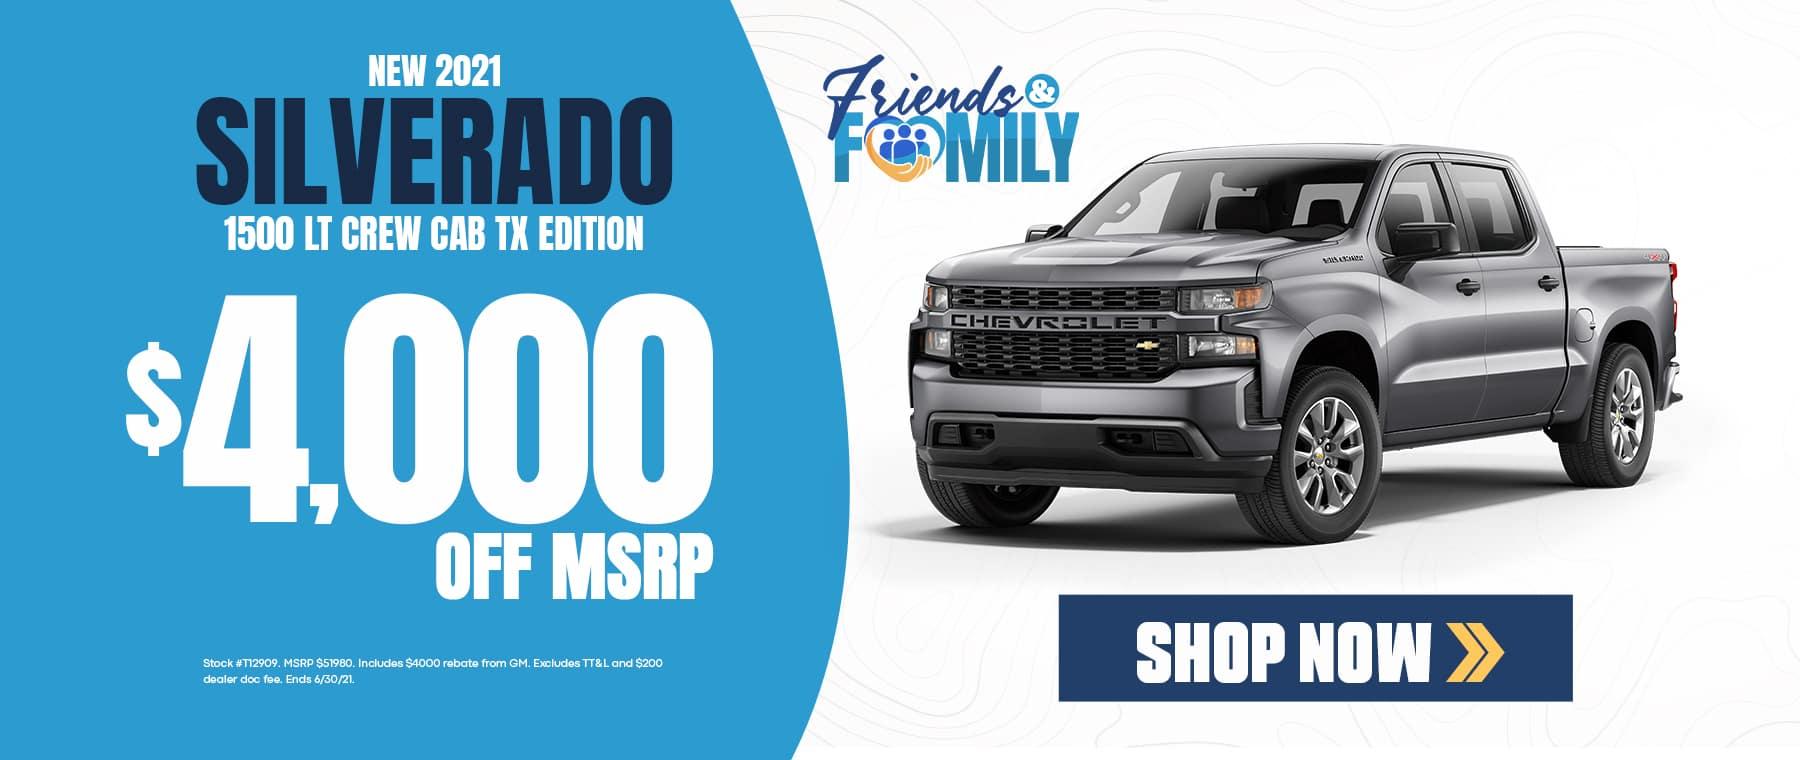 $4,000 off MSRP for Silverado - Monroe, LA